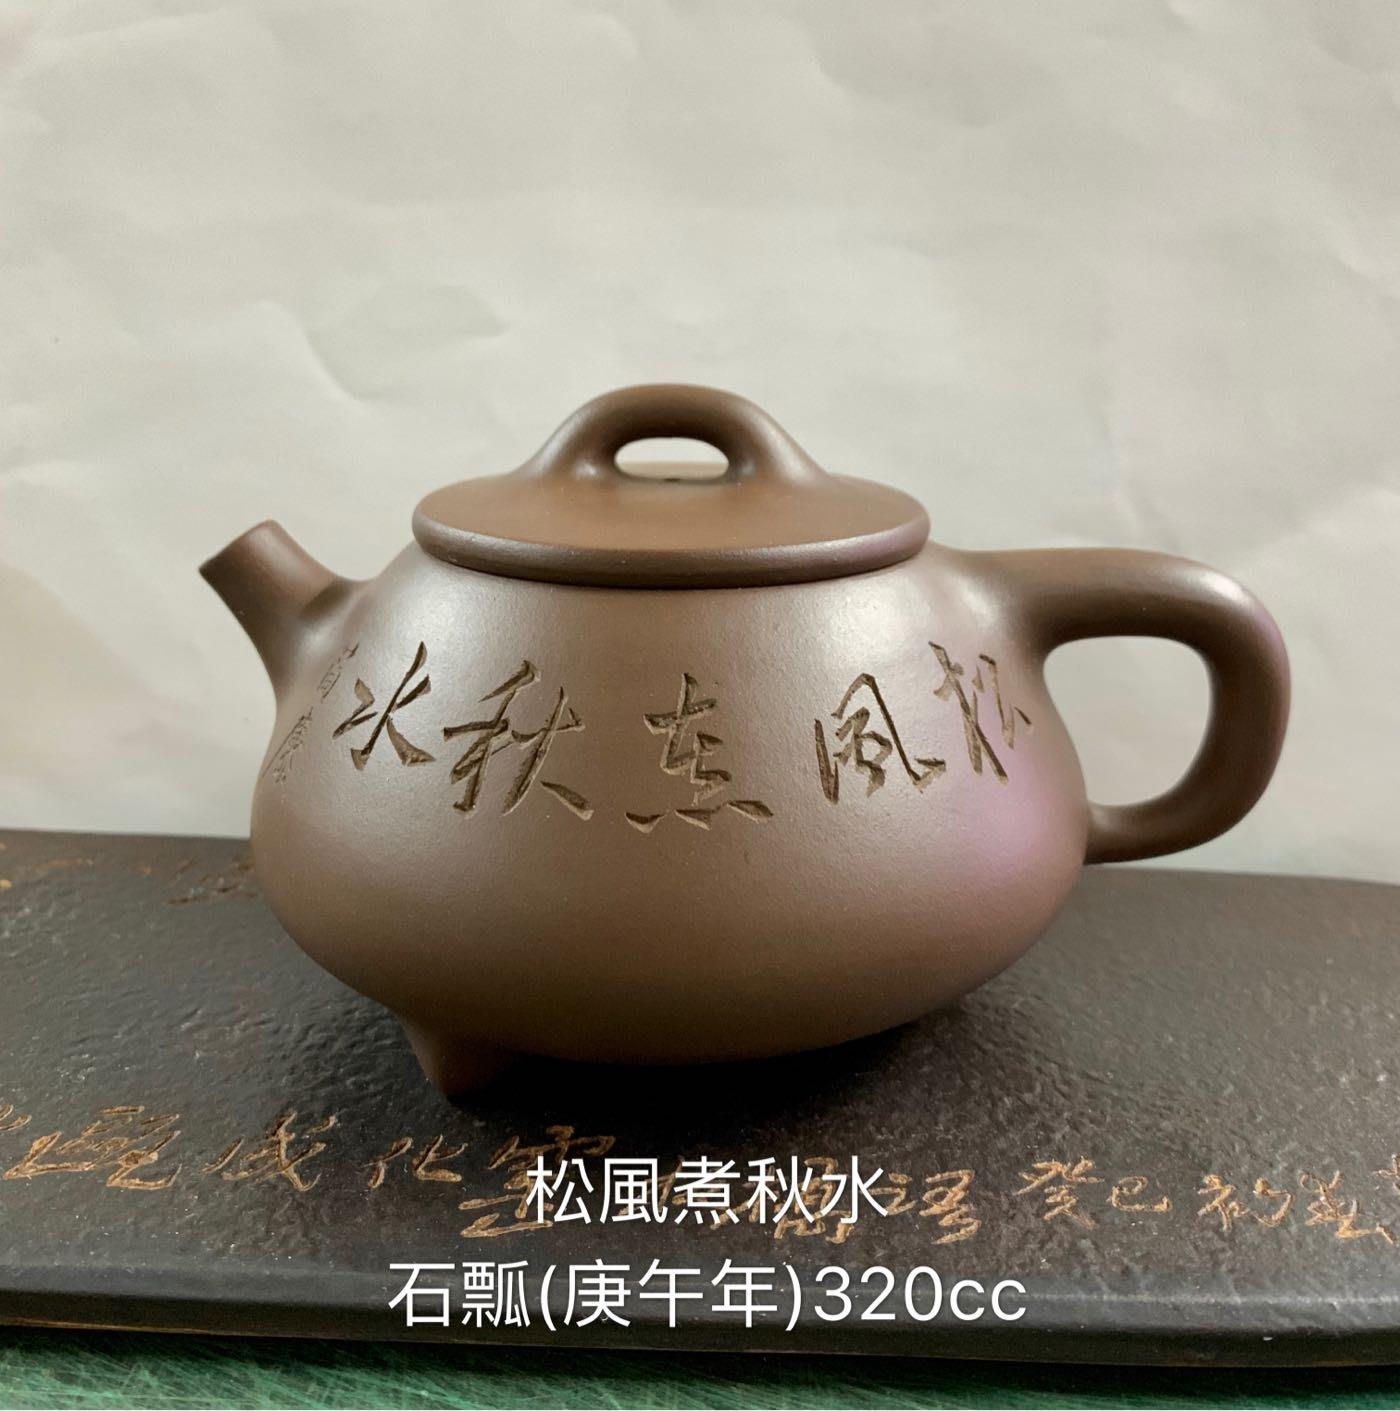 四海庚午年石瓢松風煮秋水320cc